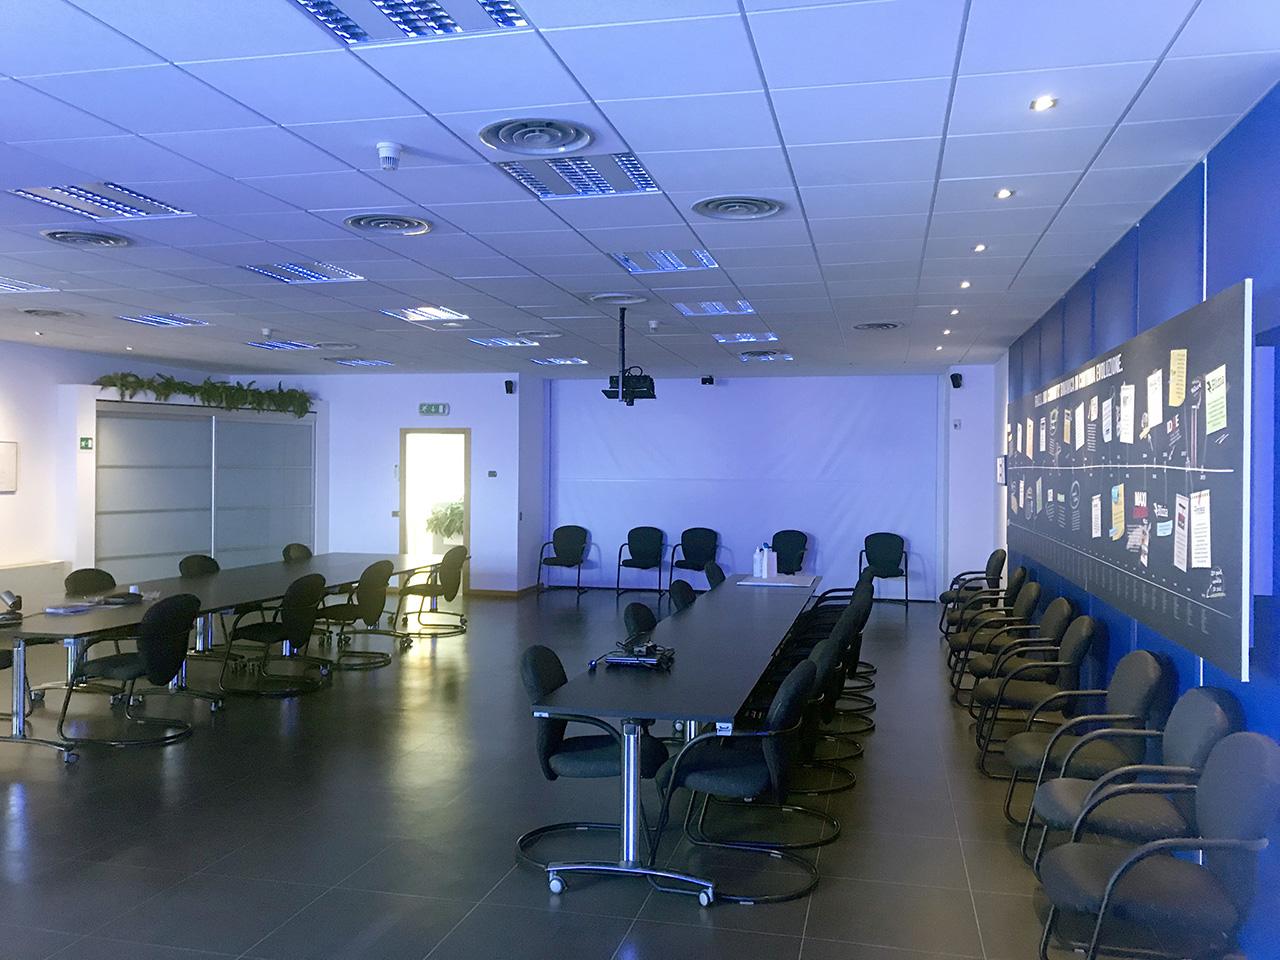 ufficio 677 mq - Atlantic Business Center - quarto piano - sala conferenze